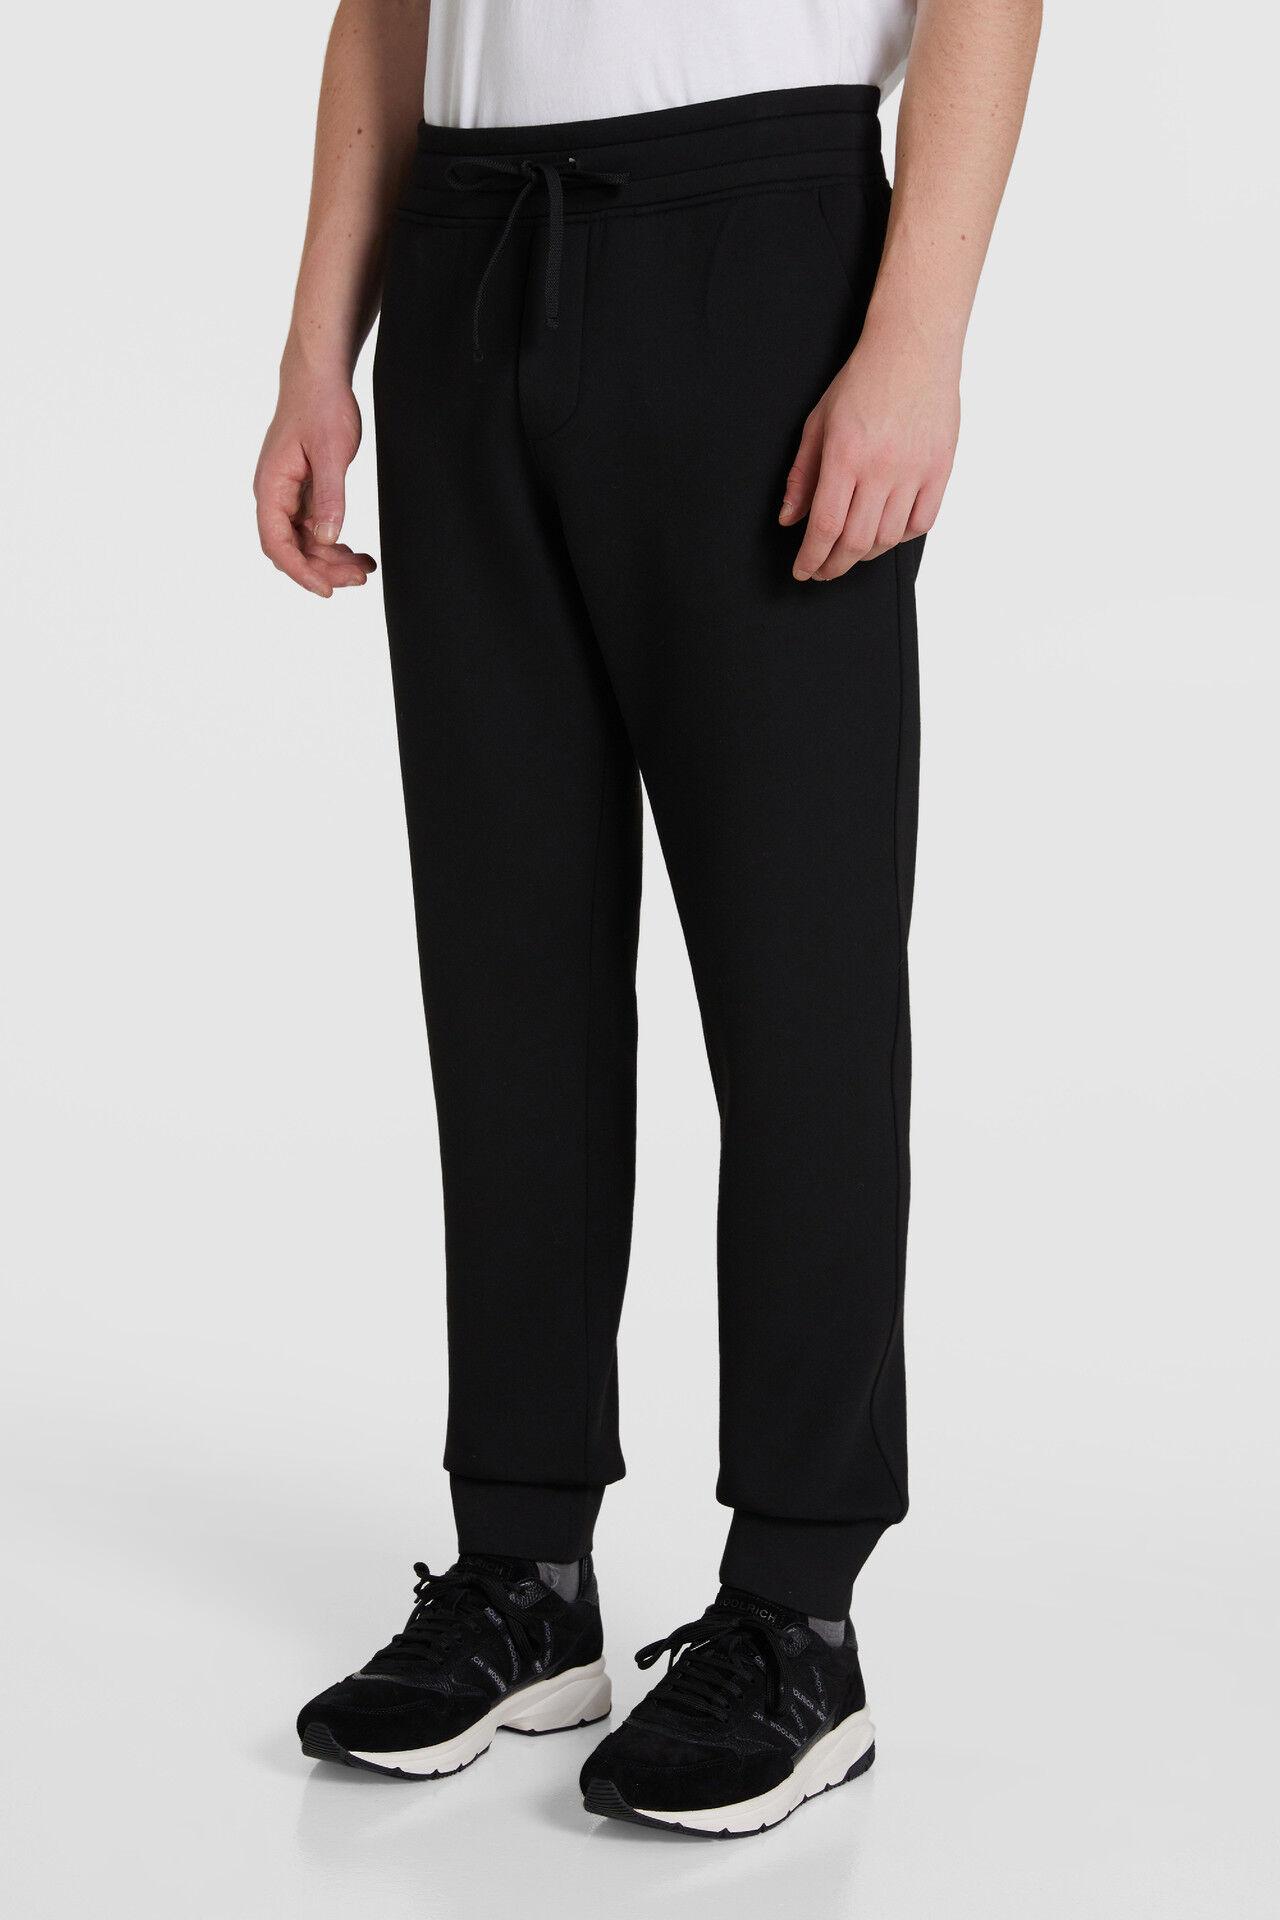 Pantalone In Felpa Tecnica - Woolrich